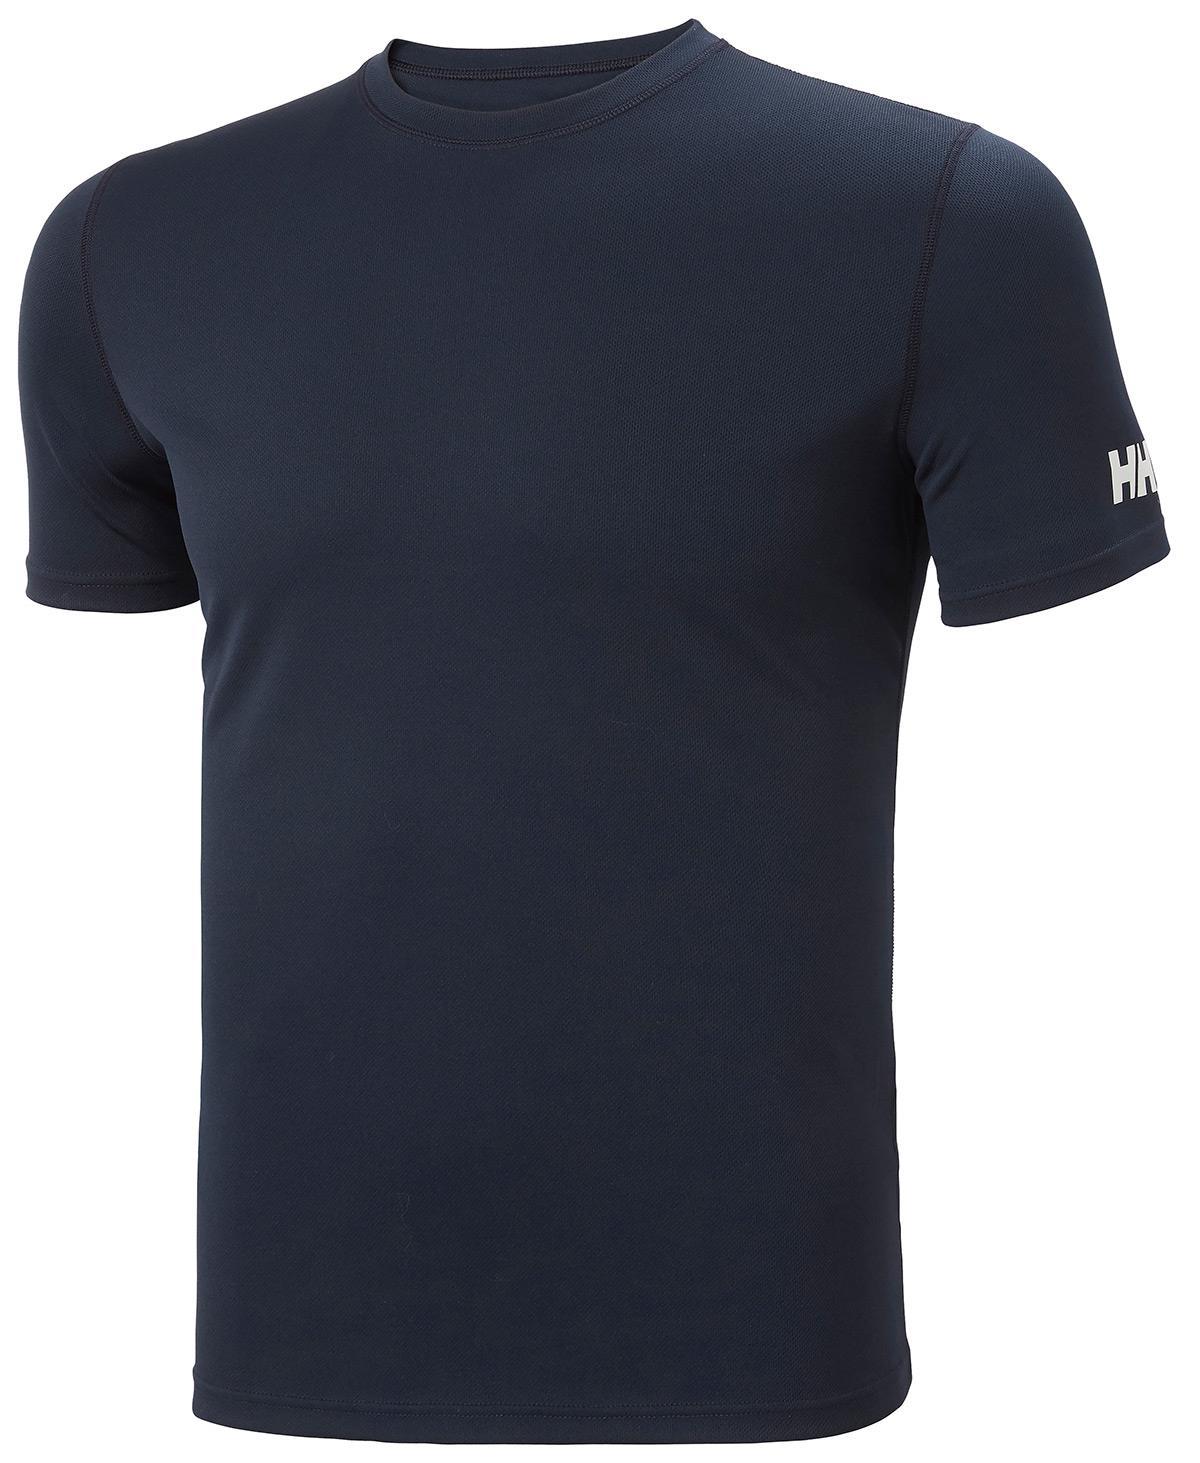 Helly Hansen Hh Hh Tech T-Shirt Erkek TişörtHHA.48363 HHA.597